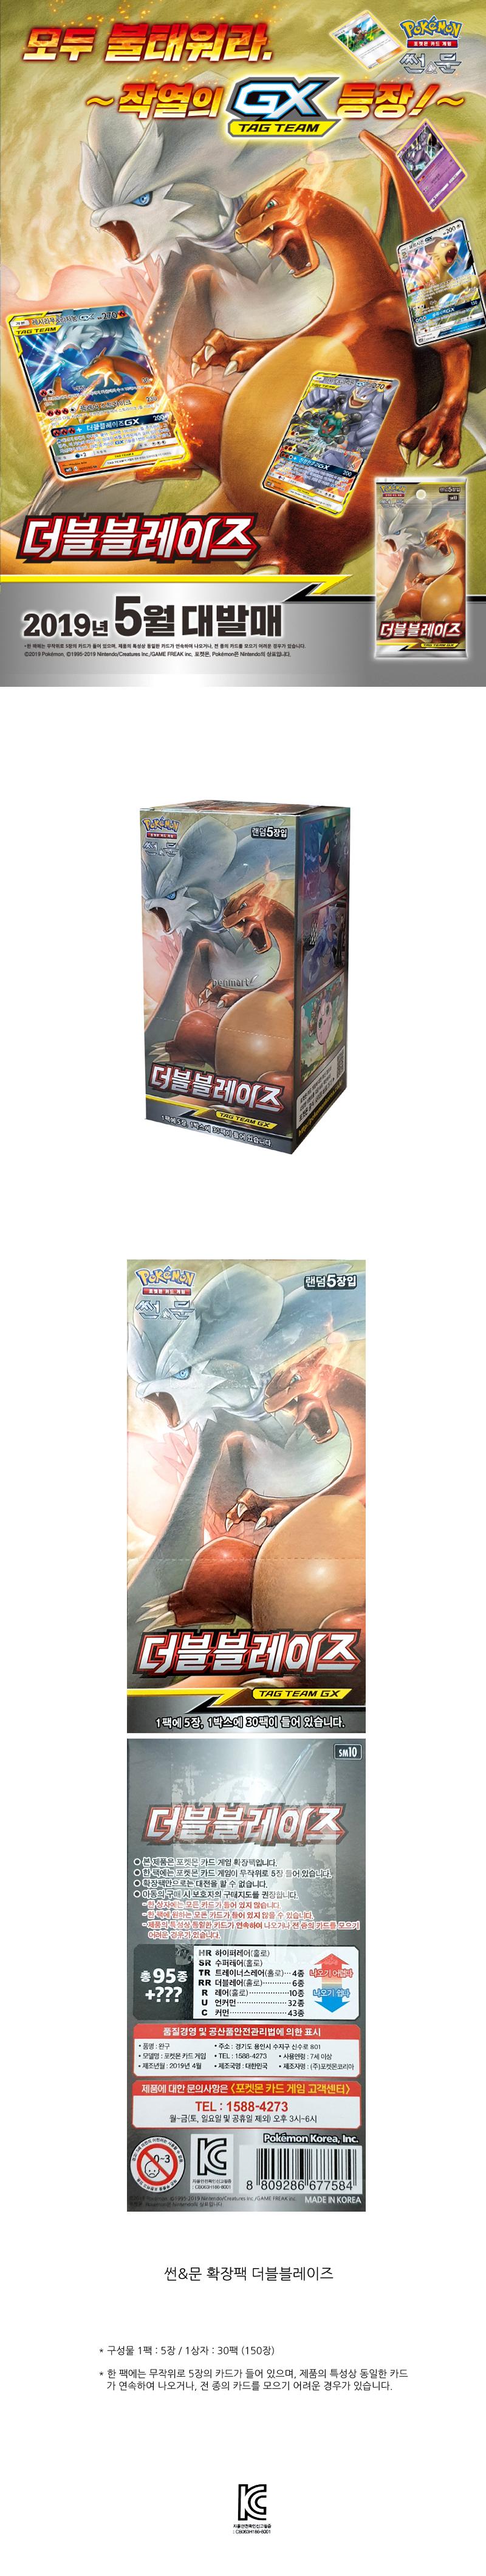 포켓몬카드 썬앤문 확장팩 더블 블레이즈 1상자(30팩) - 펜마트, 14,800원, 보드게임, 카드 게임